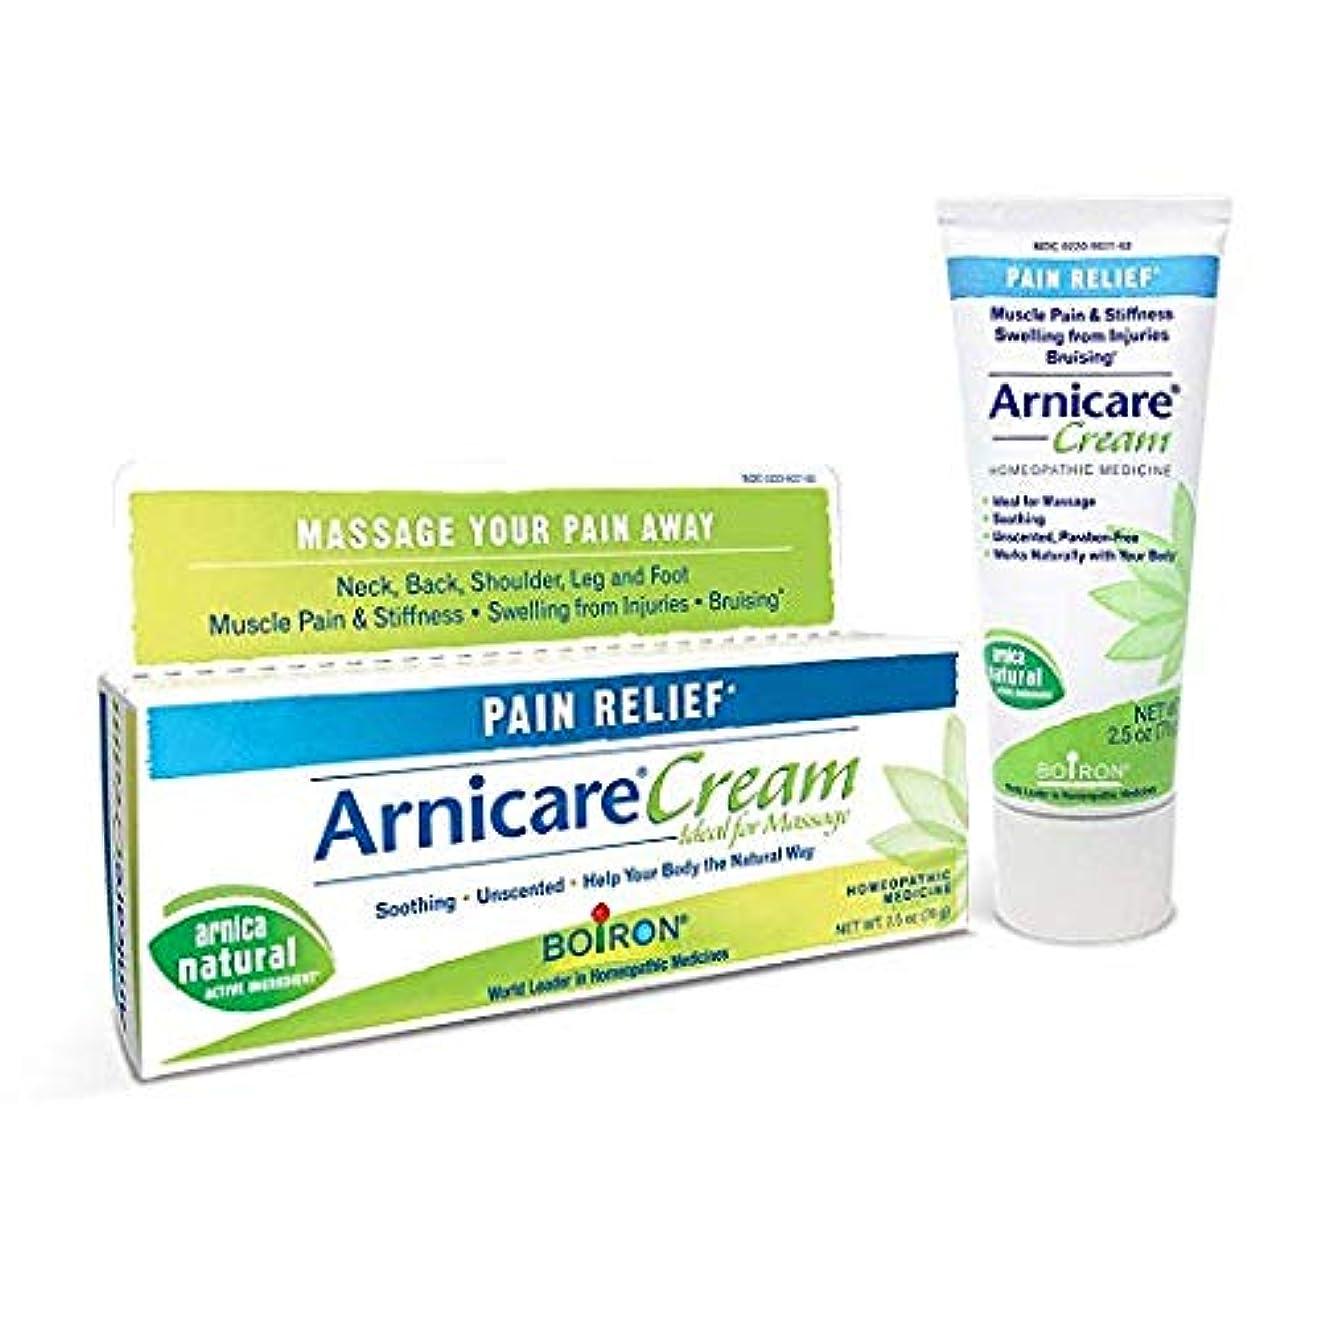 櫛のために等ボイロン アルニカクリーム Boiron Arnicare Cream 2.5 Ounces Topical Pain Relief Cream [並行輸入品]